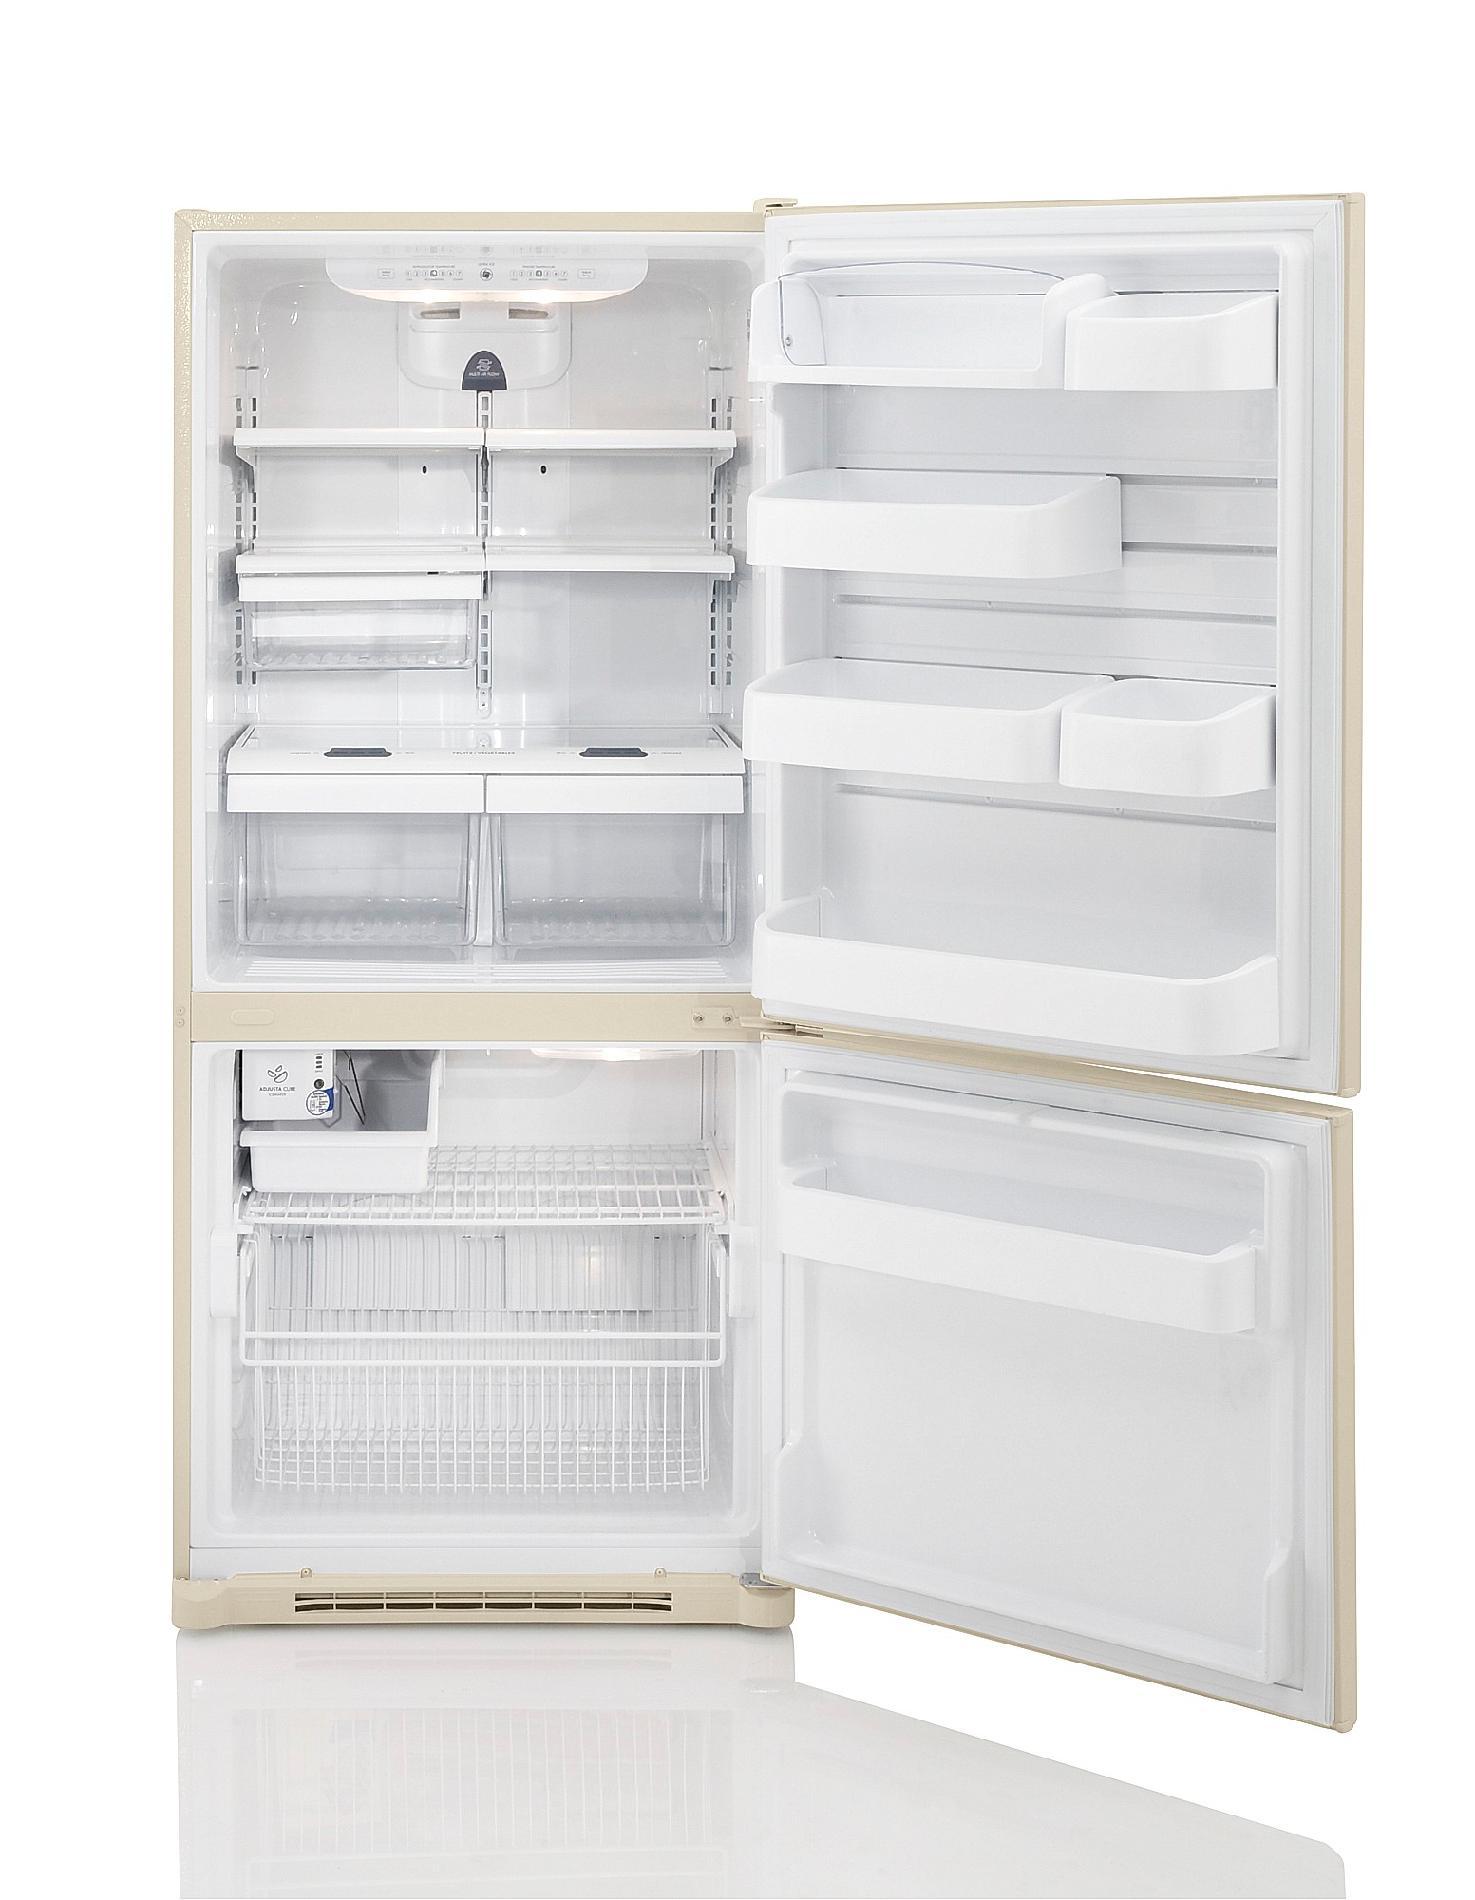 Kenmore 19.7 cu. ft. Bottom Freezer Refrigerator - Bisque